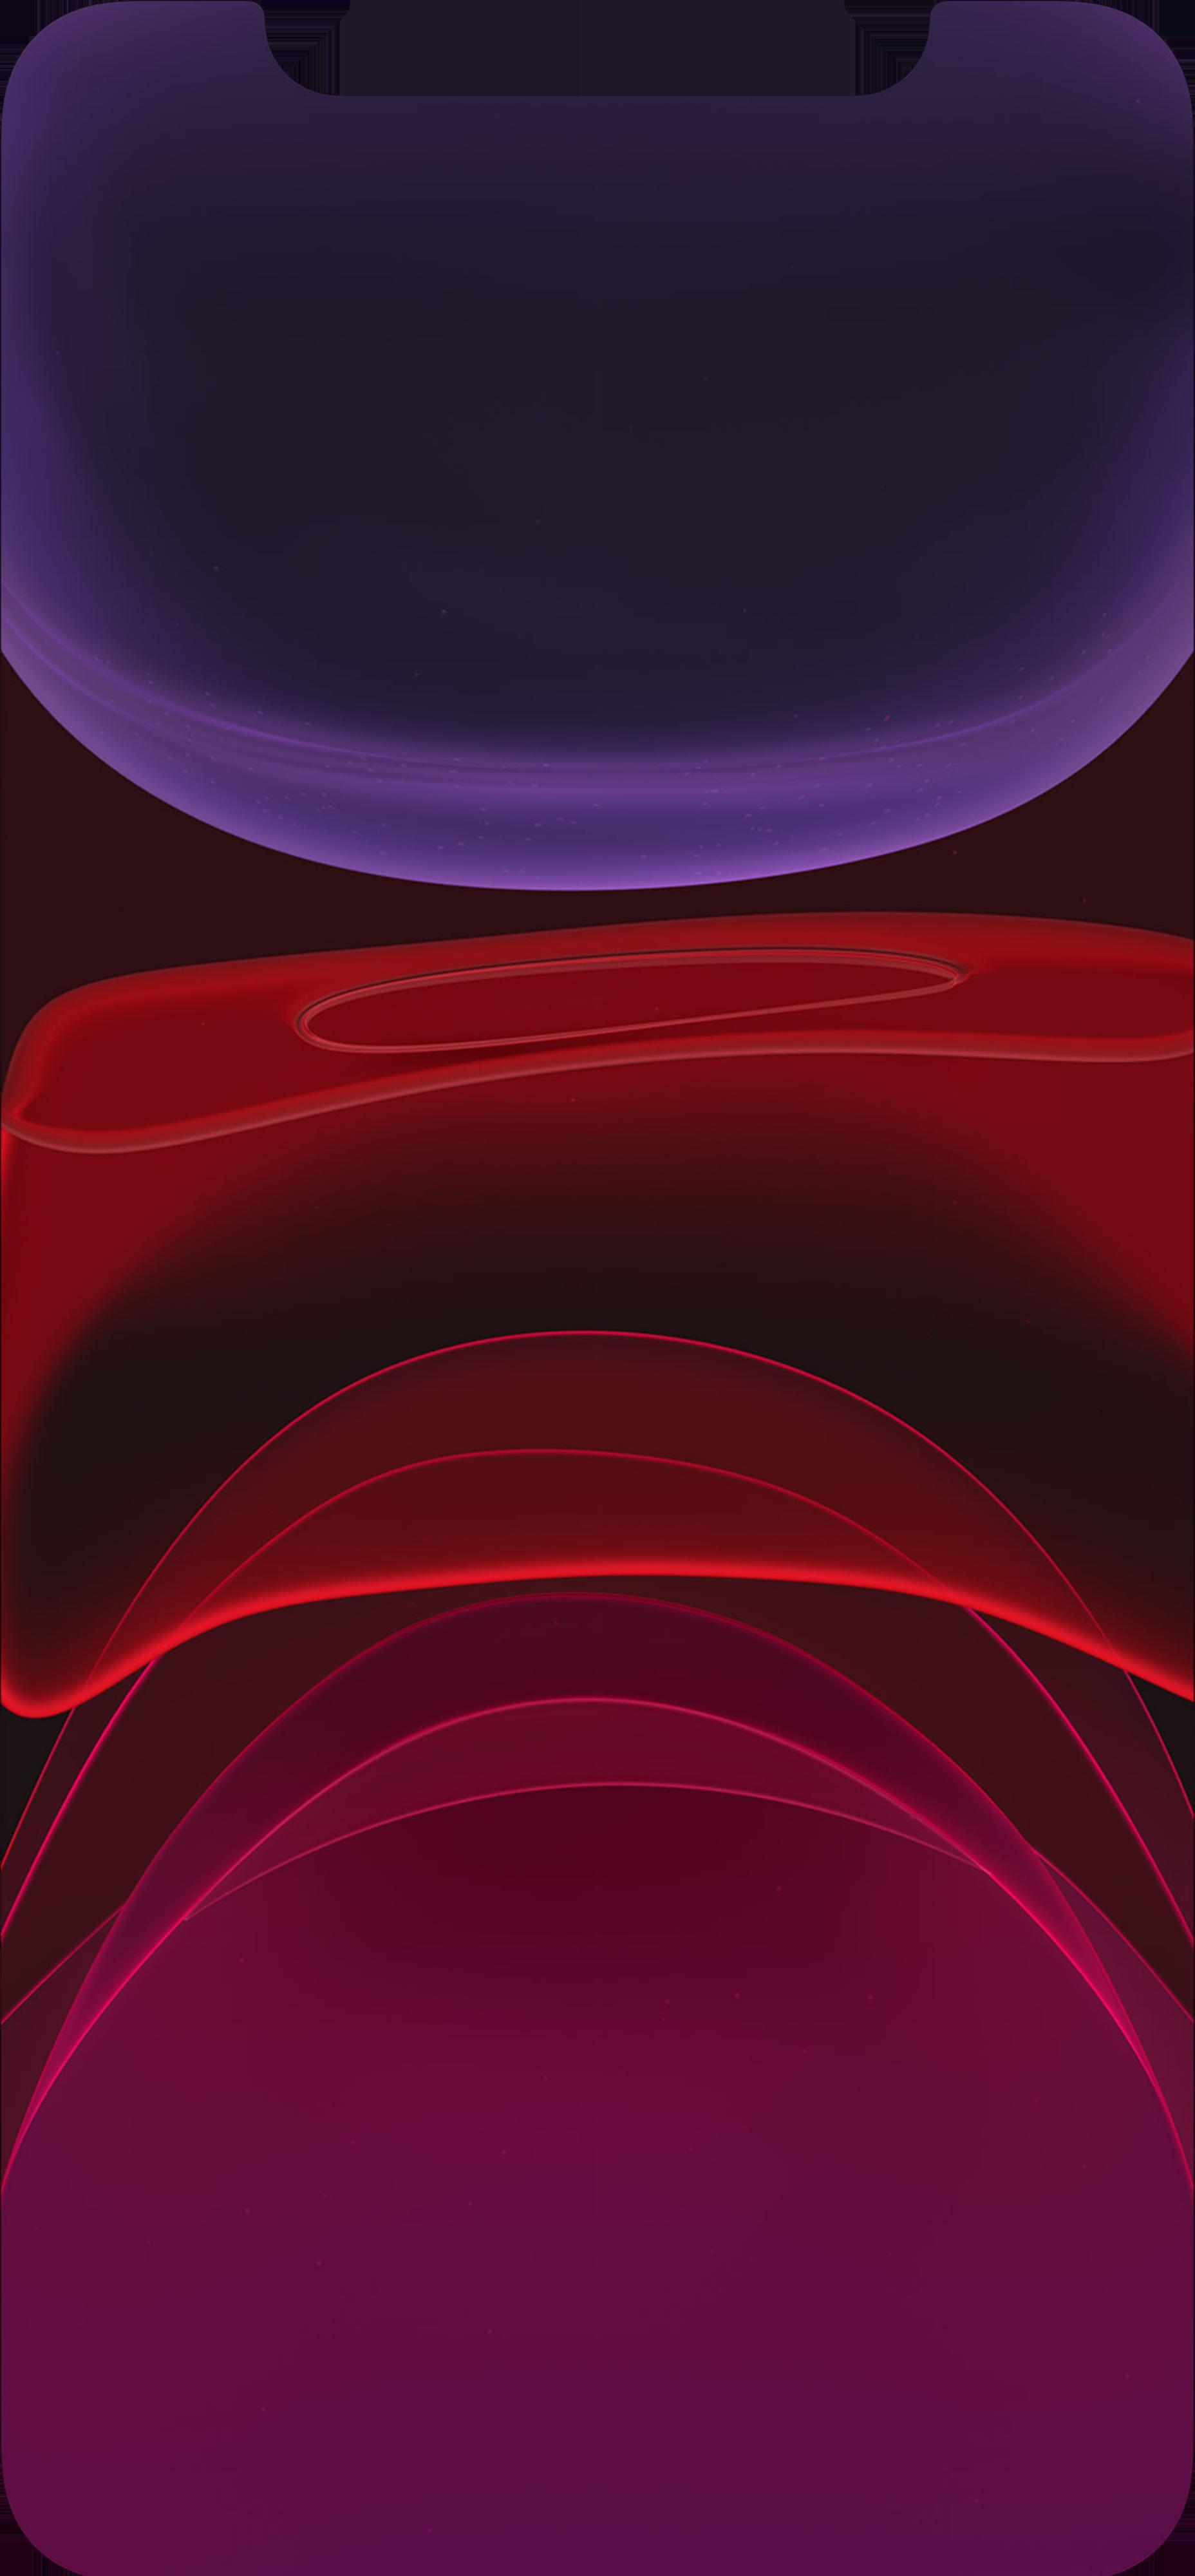 خلفيات ايفون X Max فضاء ليل Hd 2020 مربع